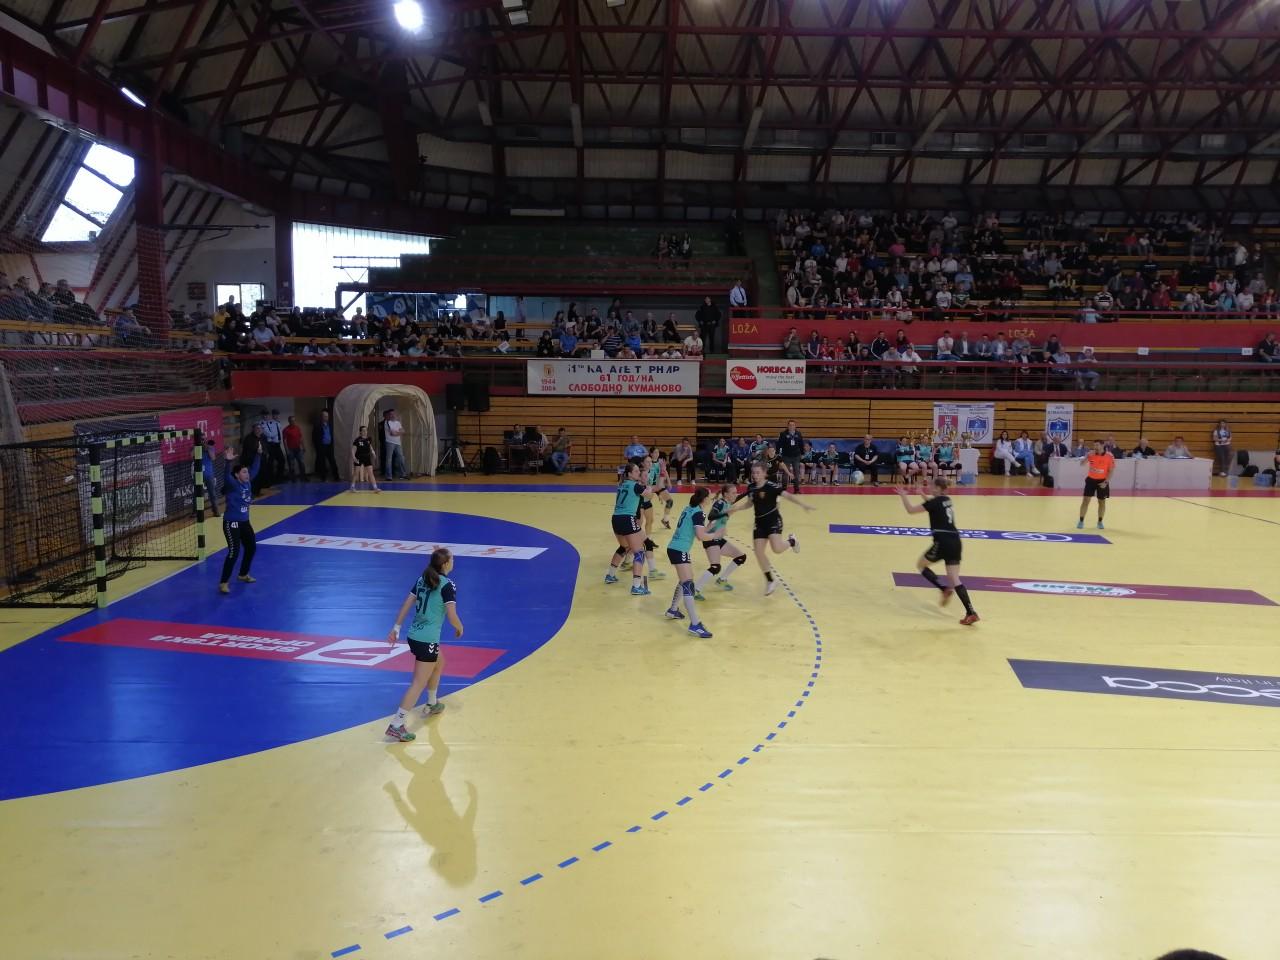 ЖРК Куманово директно во третата рунда од Европскиот Куп, ждребот на 1 септември